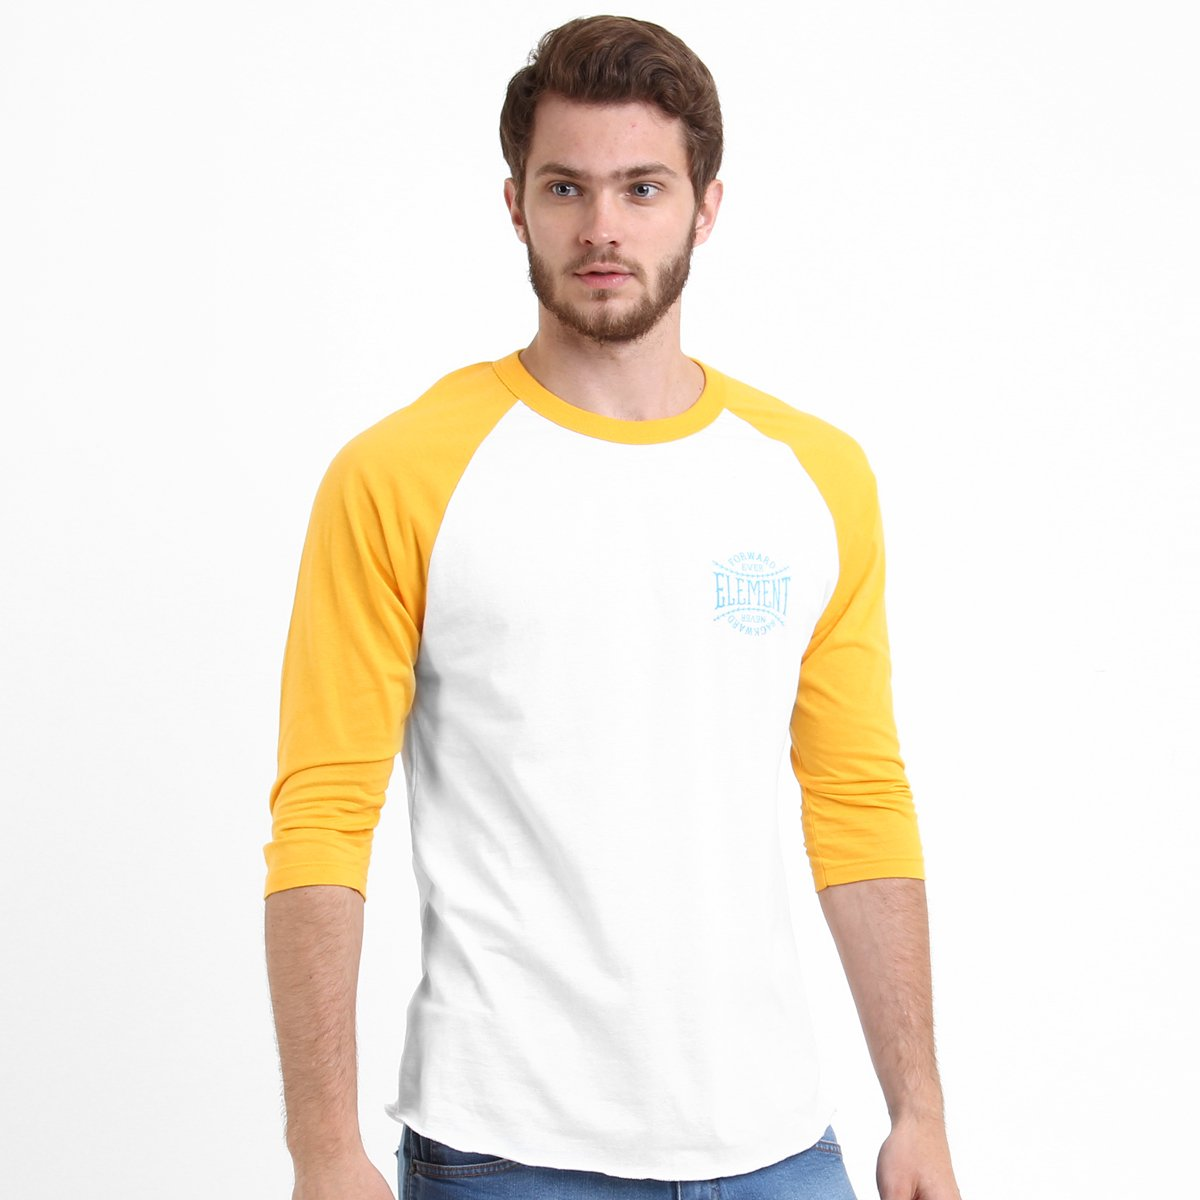 Camiseta 3 4 Element Ellis - Compre Agora  5f45dafebb4